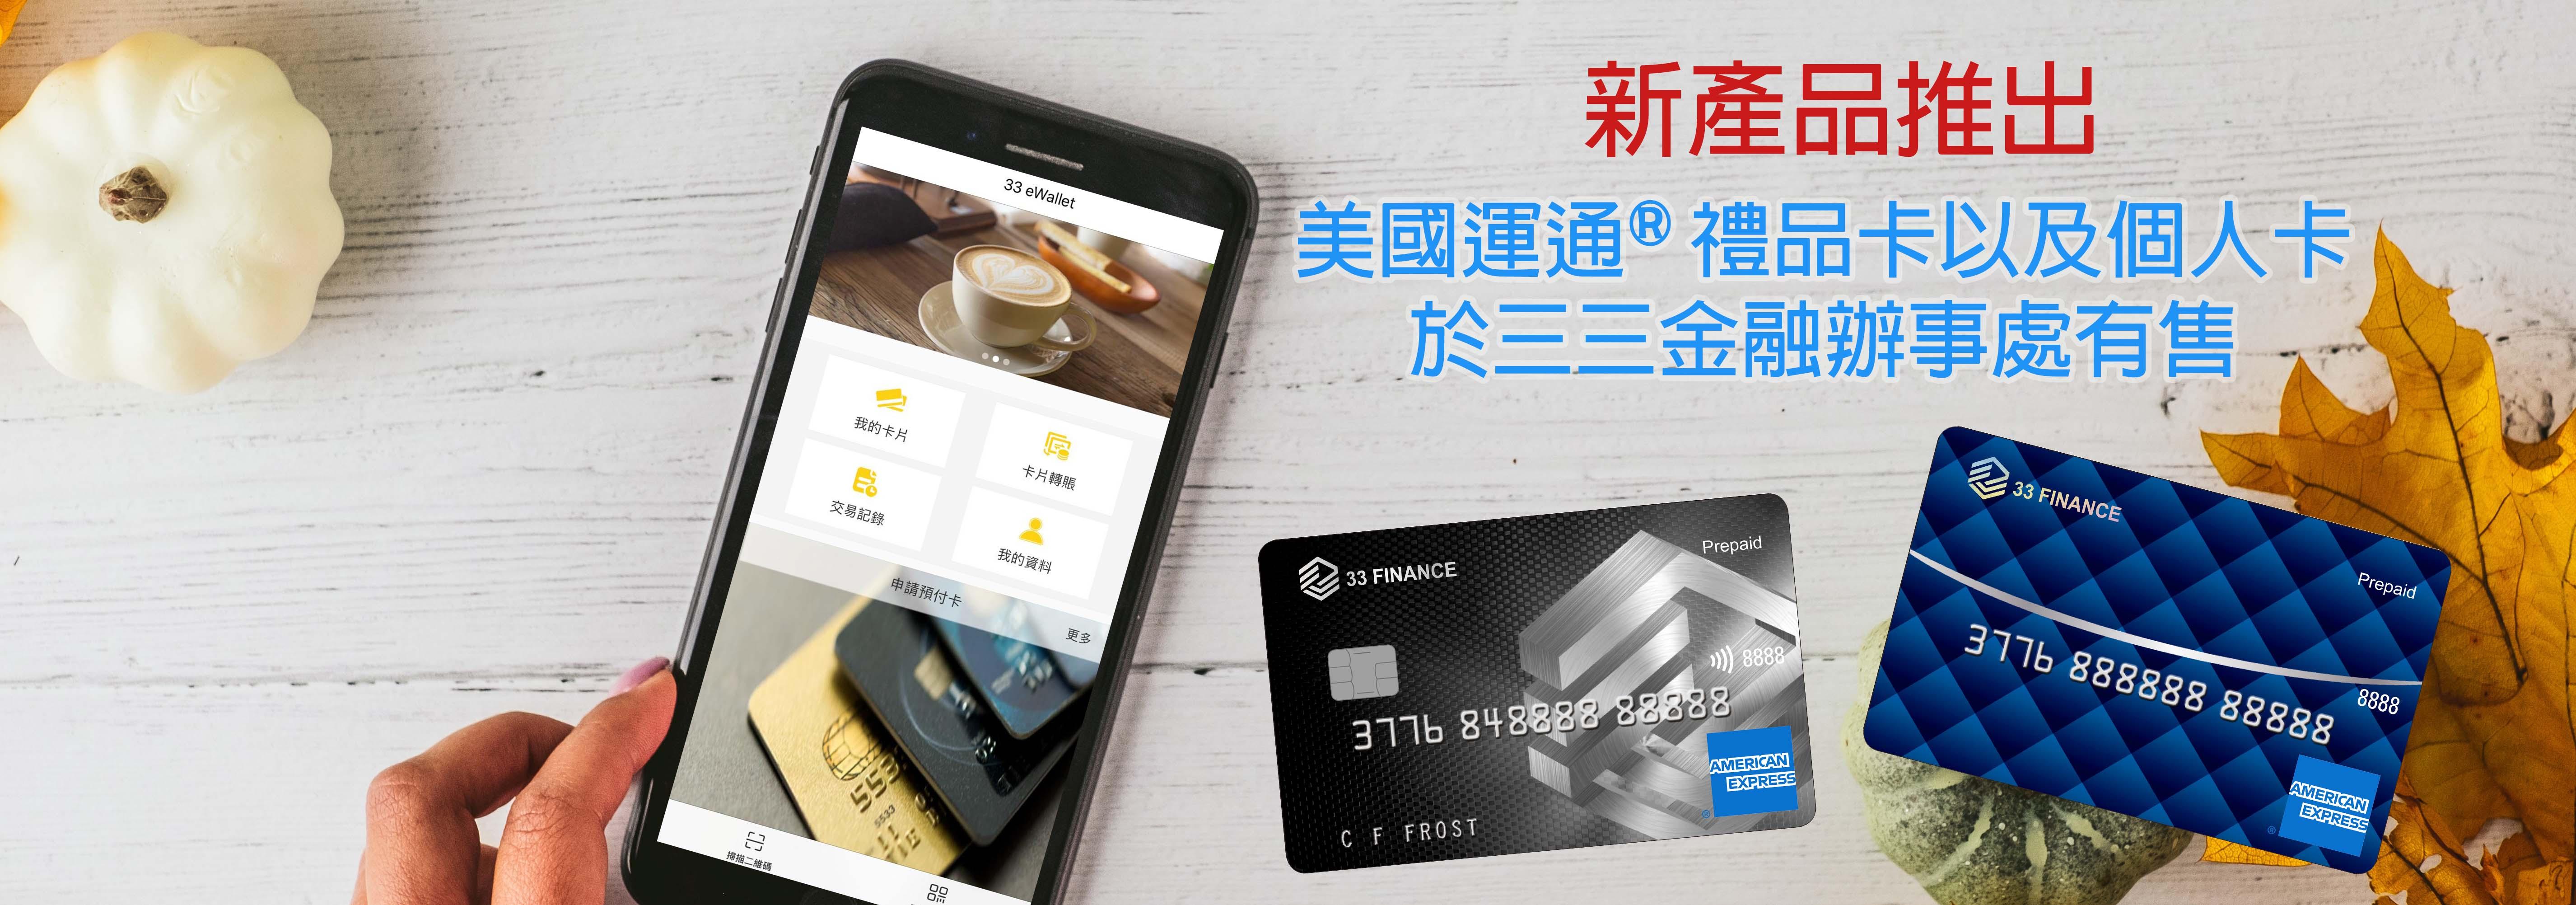 網路購物、跨境消費的必需品 快來看看近期討論度最高的金融預付卡